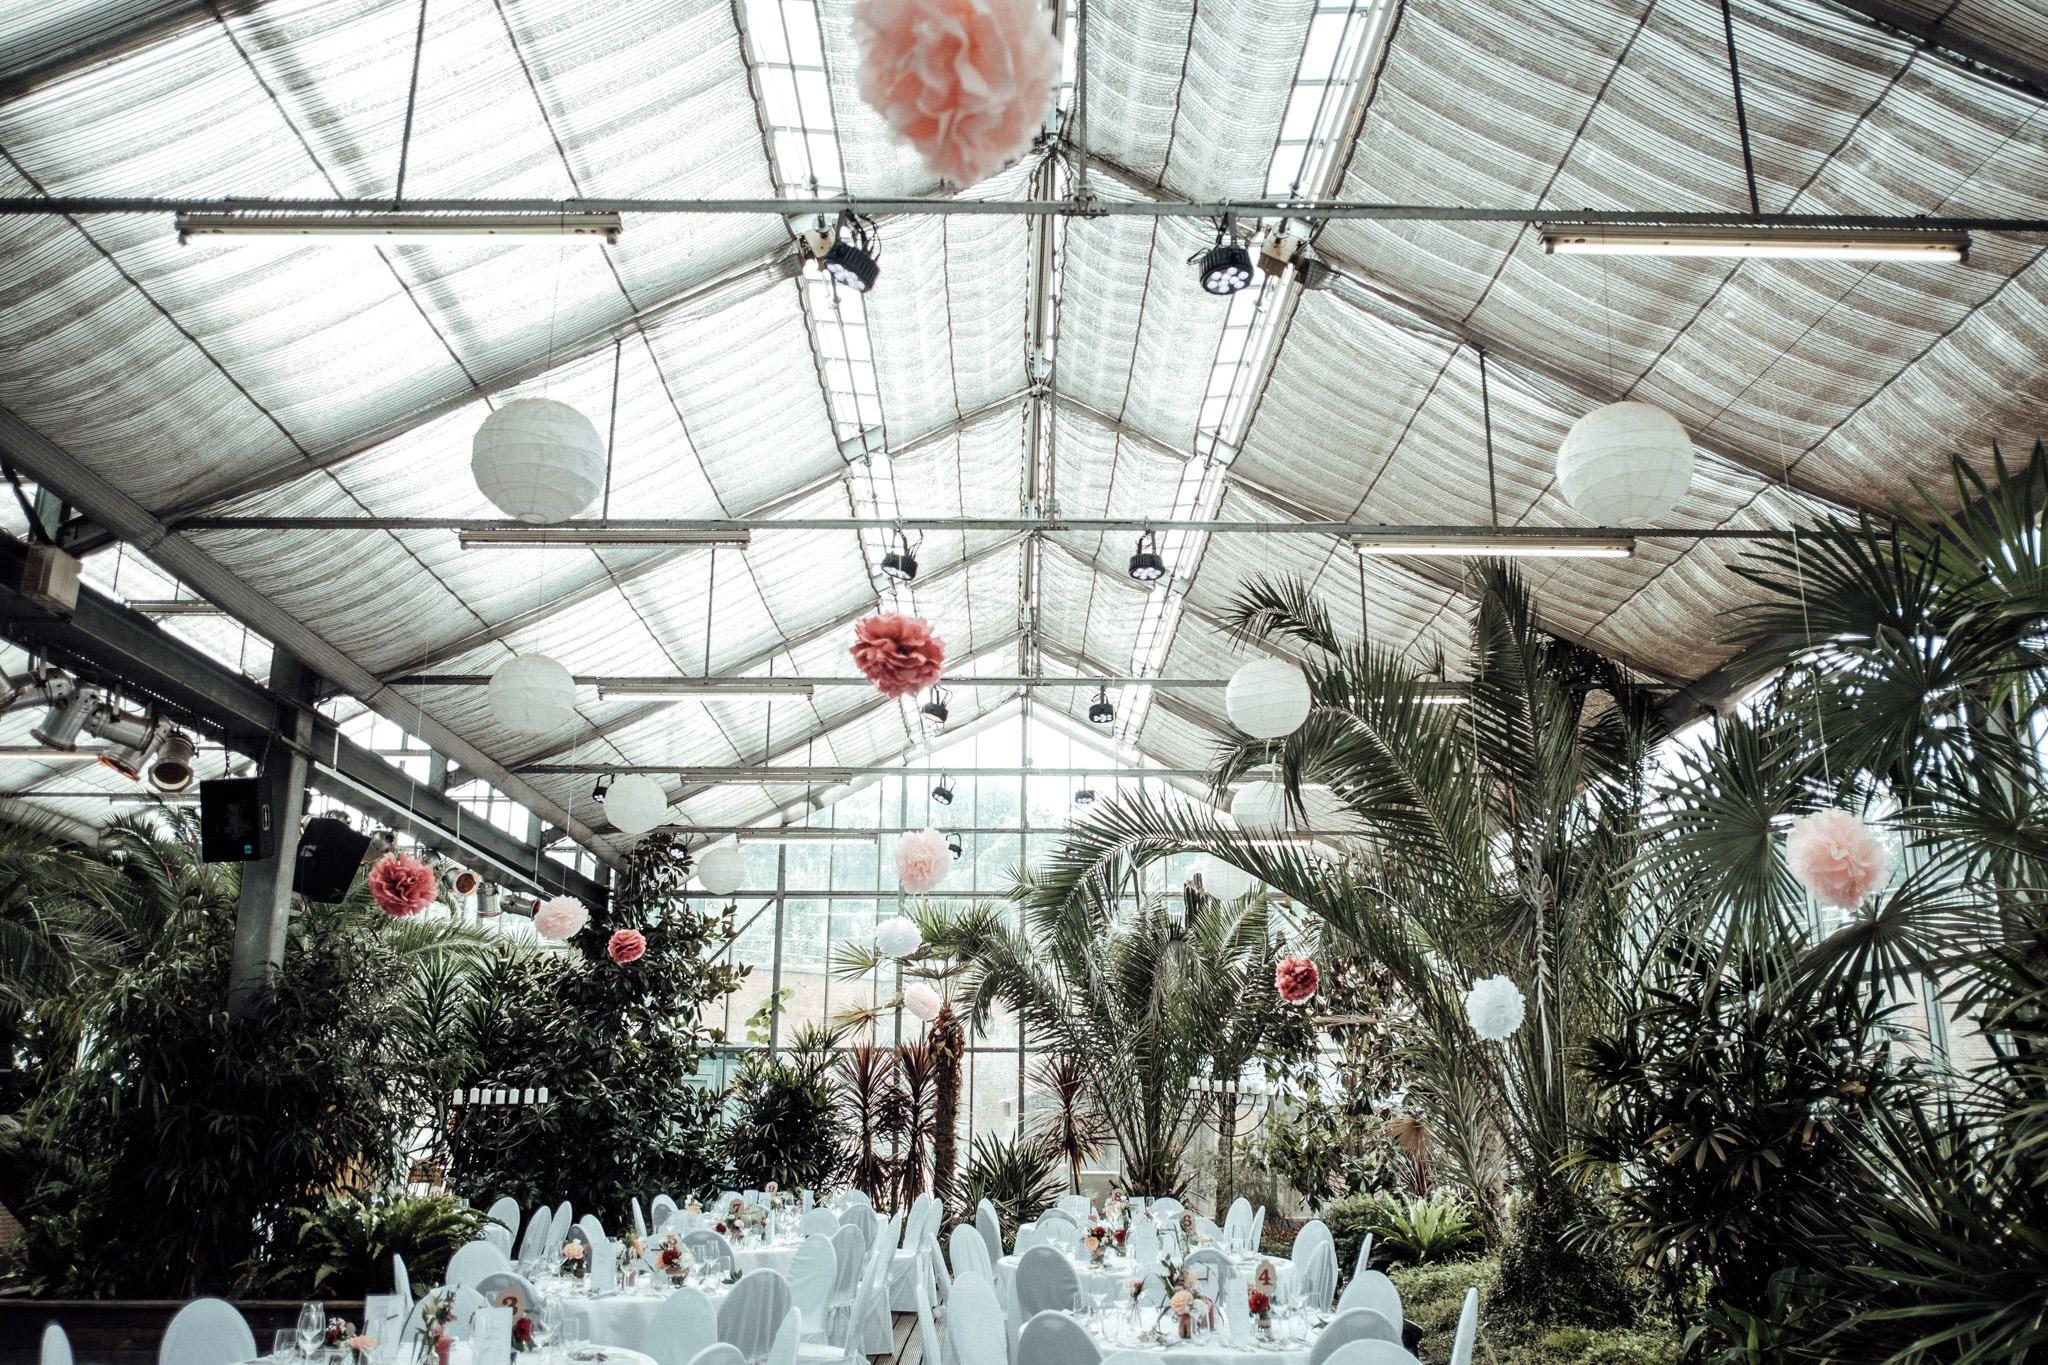 Aussergewohnliche Hochzeitslocation In Nrw Blumenhalle In Julich Hochzeit Feiern Im Gewachshaus Gewachshaus Hochzeit Hochzeitsfotograf Hochzeitsfotos